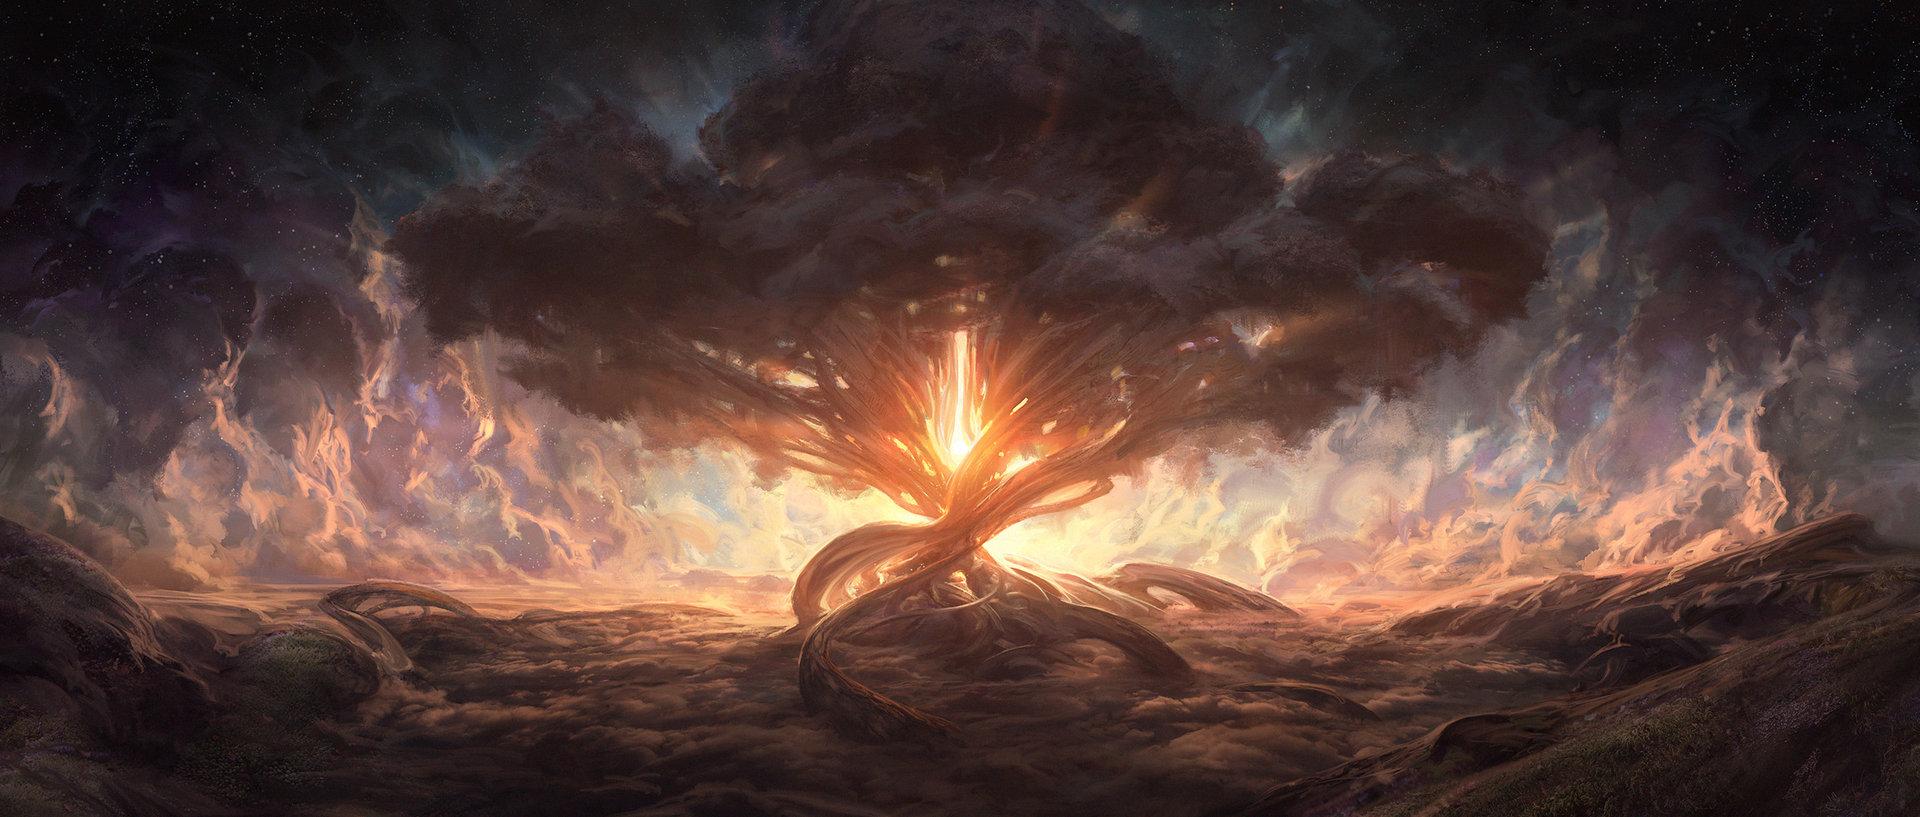 Kryształowy wąwóz Noah-bradley-noah-bradley-angelarium-ein-sof